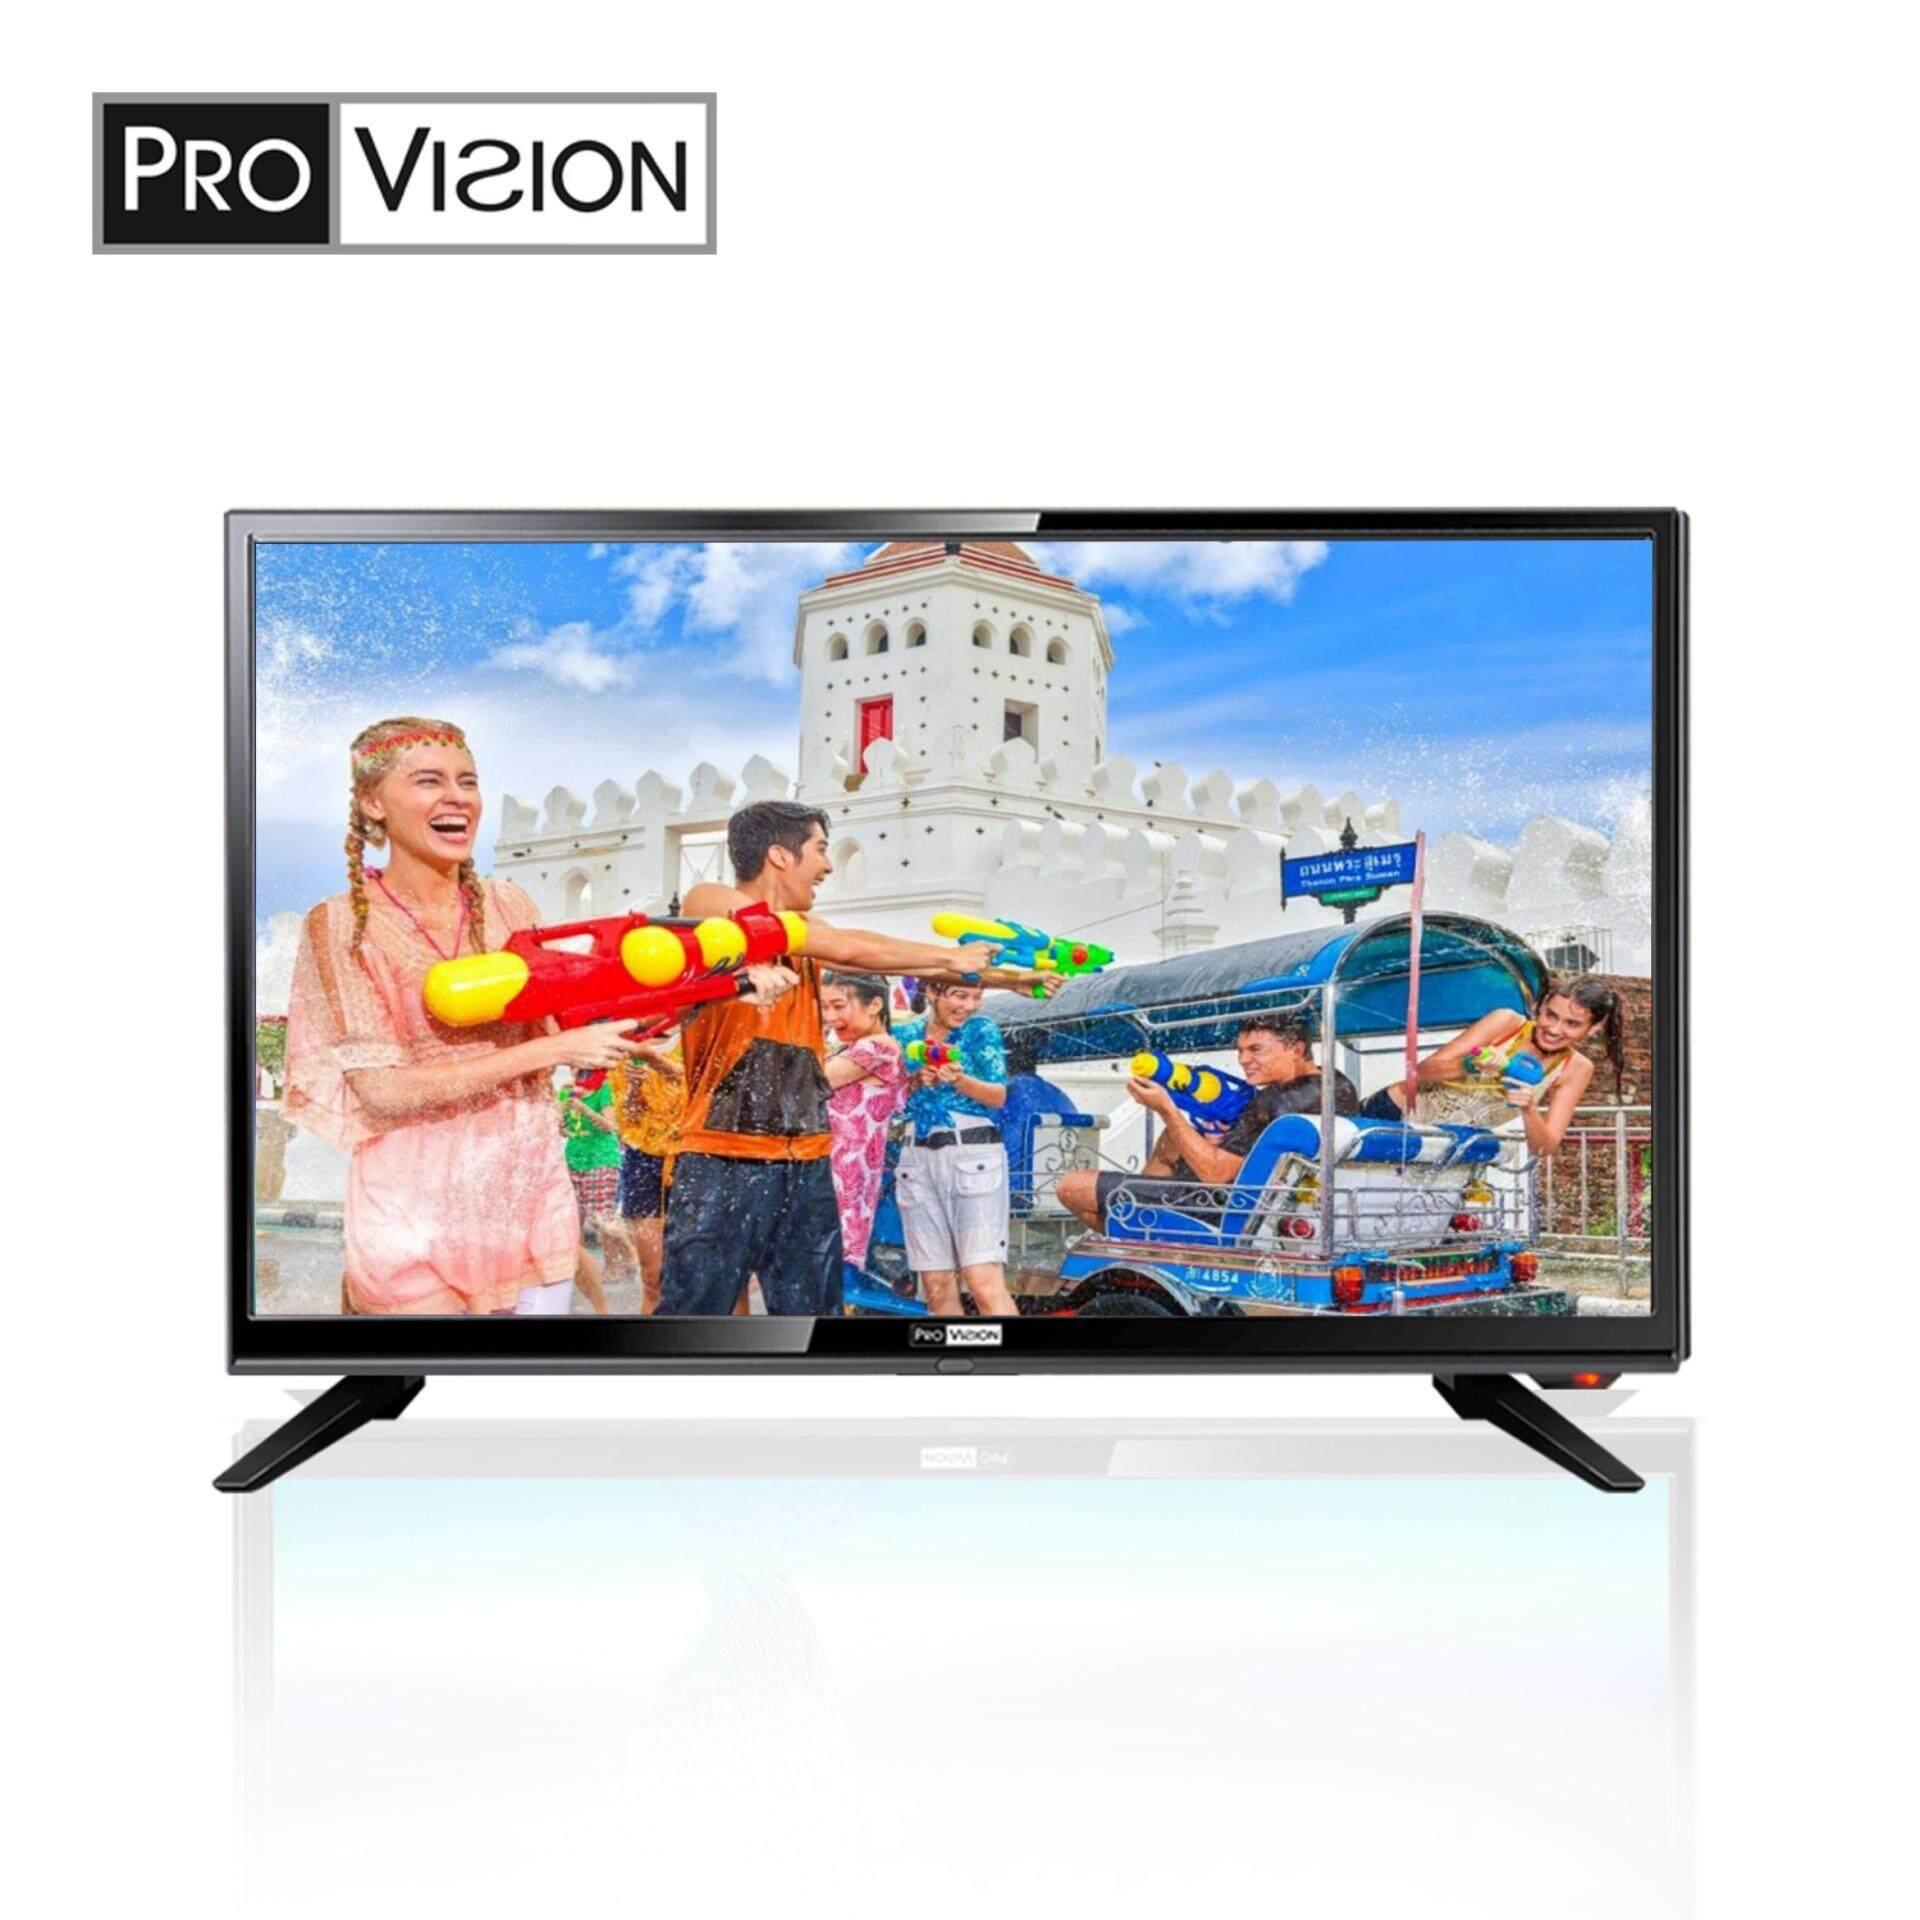 ราคา Provision Led Digitaltv 24 นิ้ว รุ่น Lt24G33 Provision ใหม่